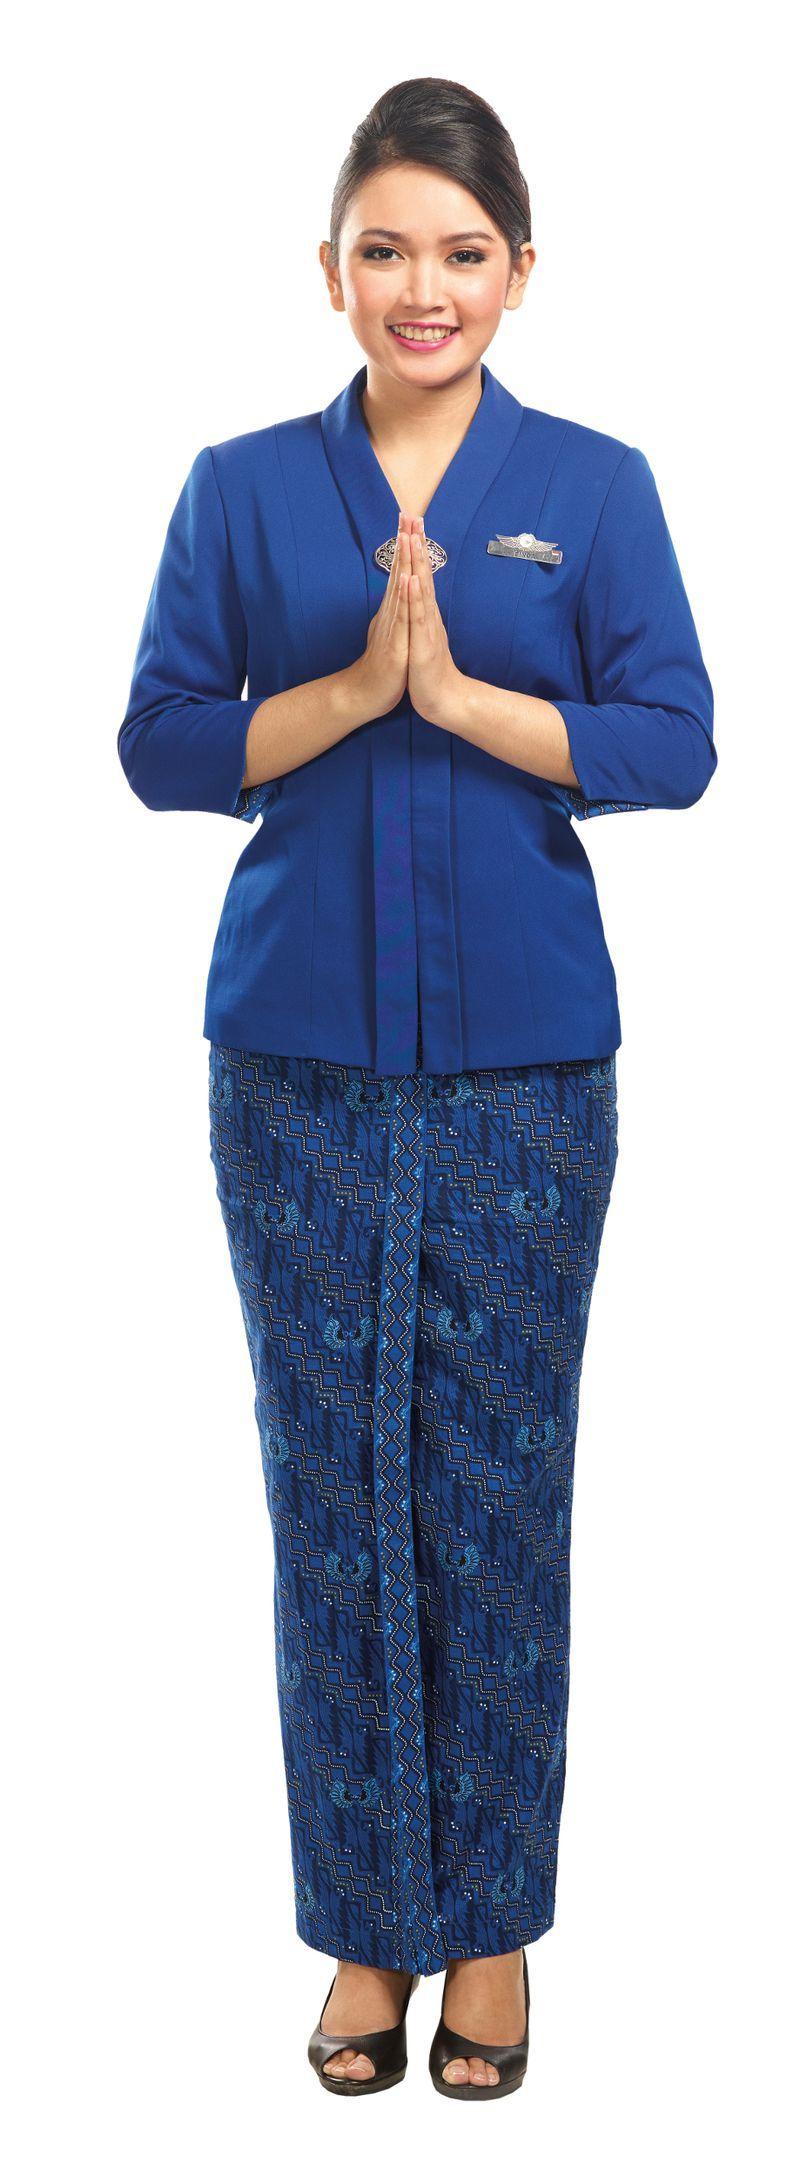 Model Baju Pramugari : model, pramugari, Gambar,, Pramugari,, Garuda,, Indonesia,, Wallpaper,, Inspirasi,, Terpopuler,, Baju,, Seragam,, Gambar, Pramuga…, Stewardess,, Hijab, Chic,, Japanese